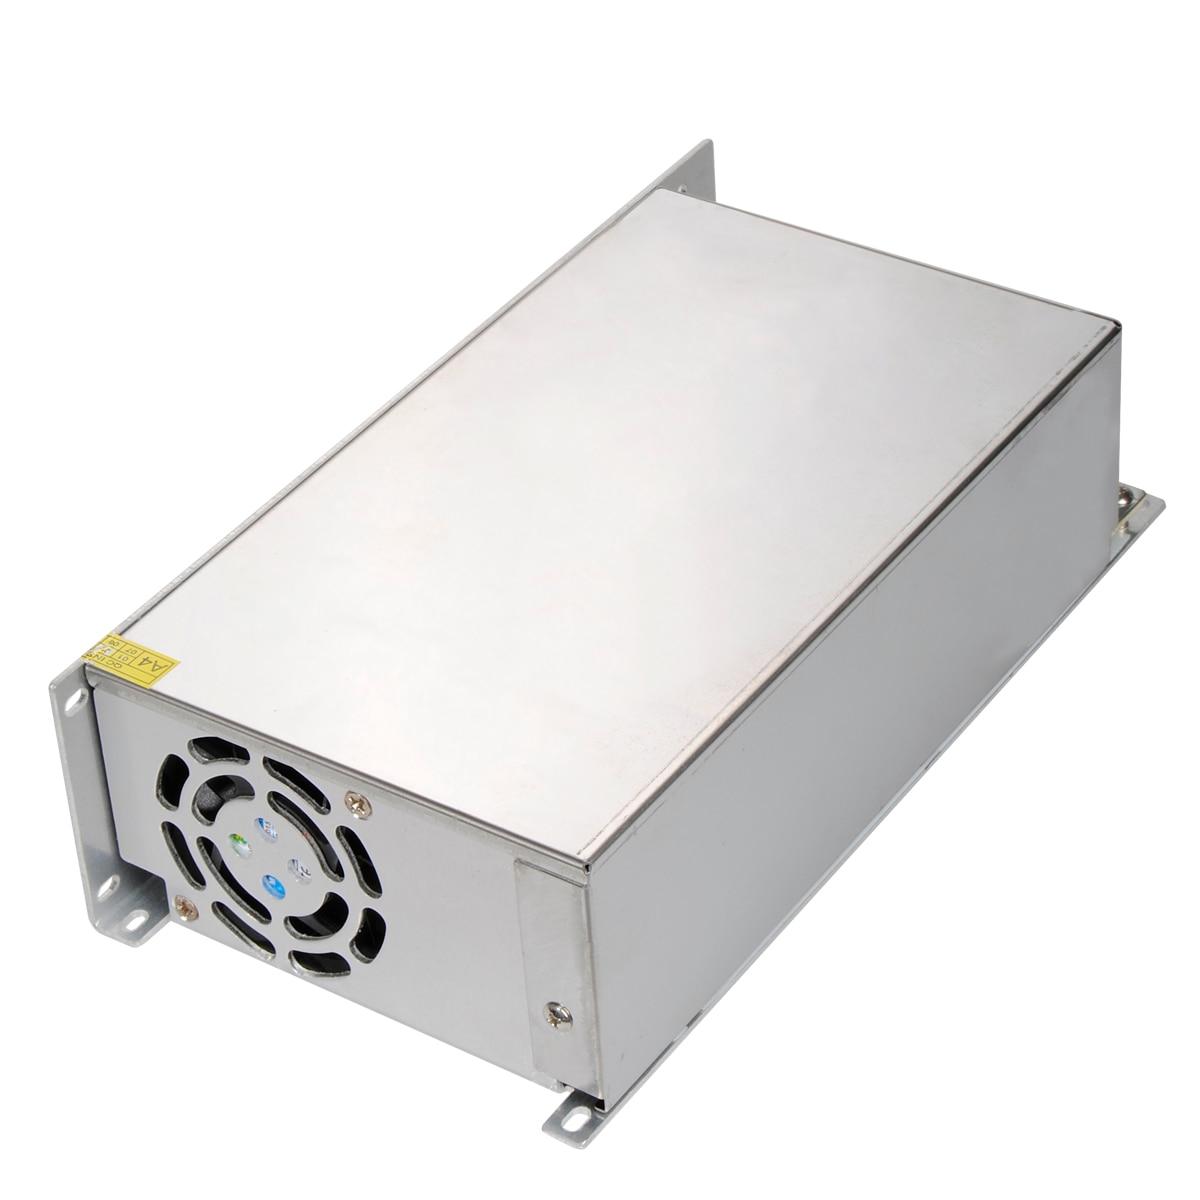 Jiguoor nouveauté 24 V 25A 600 W pilote d'alimentation à découpage pour bande de LED AC 100-240 V entrée à 24 V